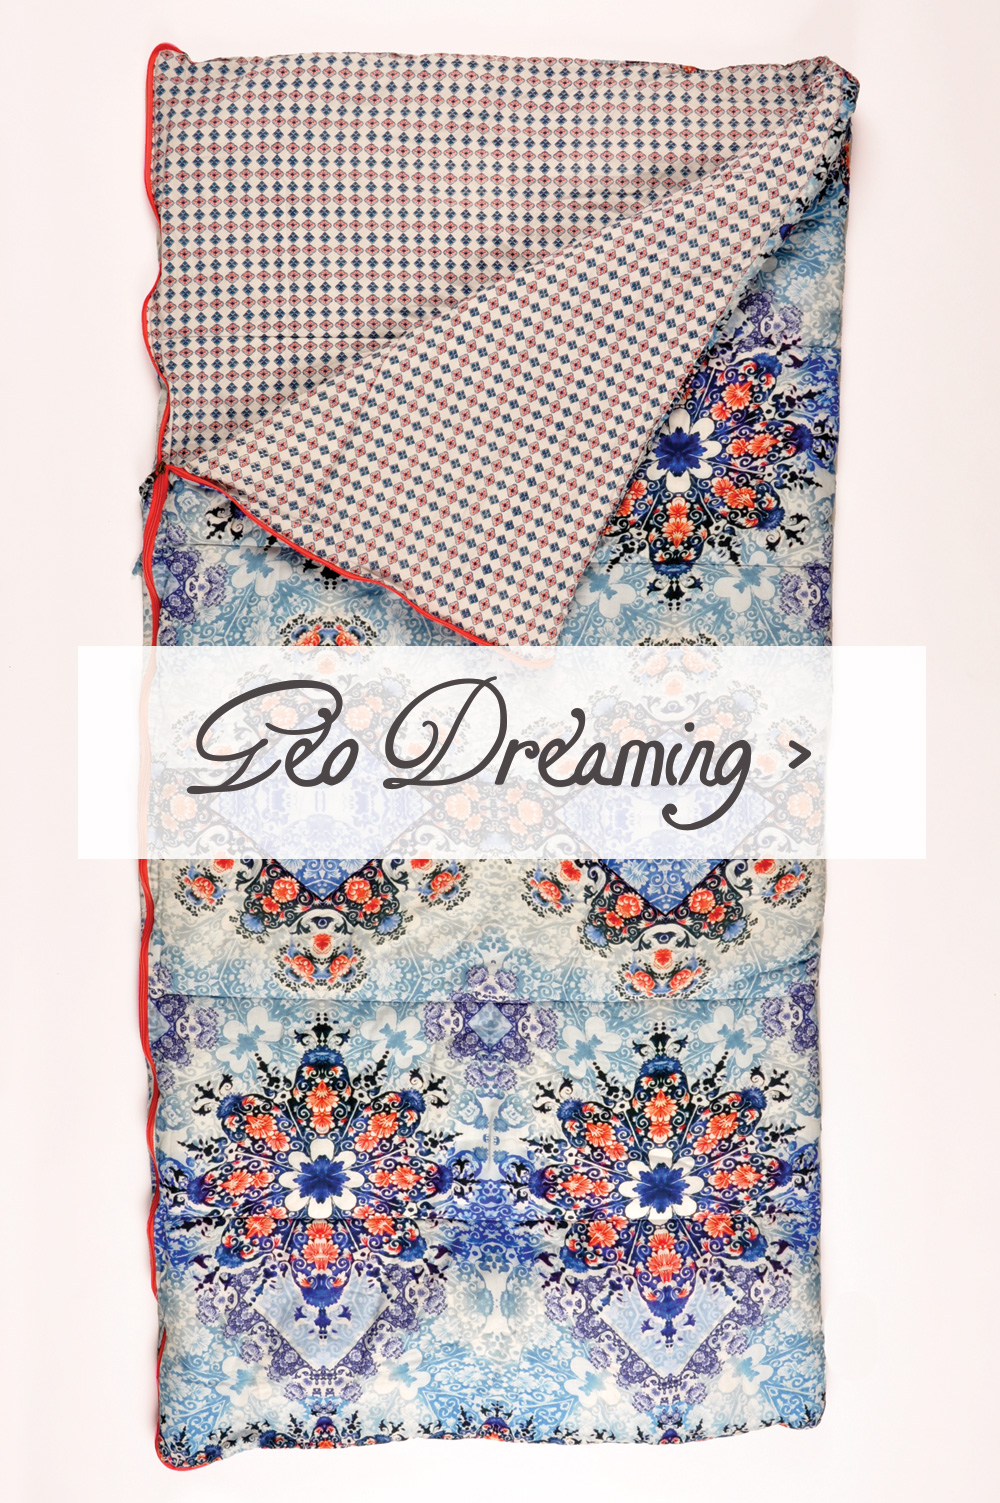 Geo Dreaming Sleeping Beauties